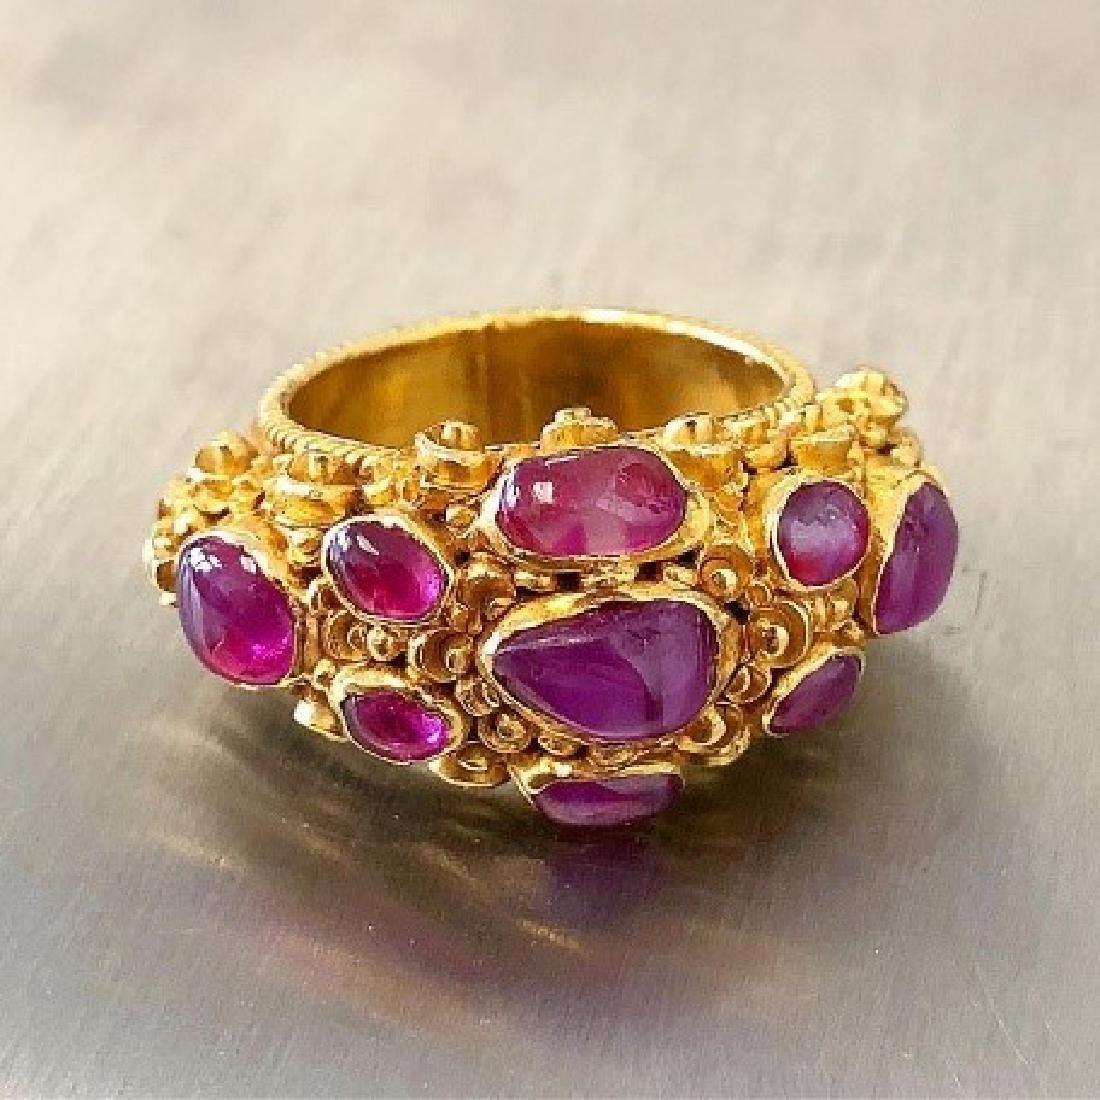 Antique 22 Karat Gold Ruby Ring.